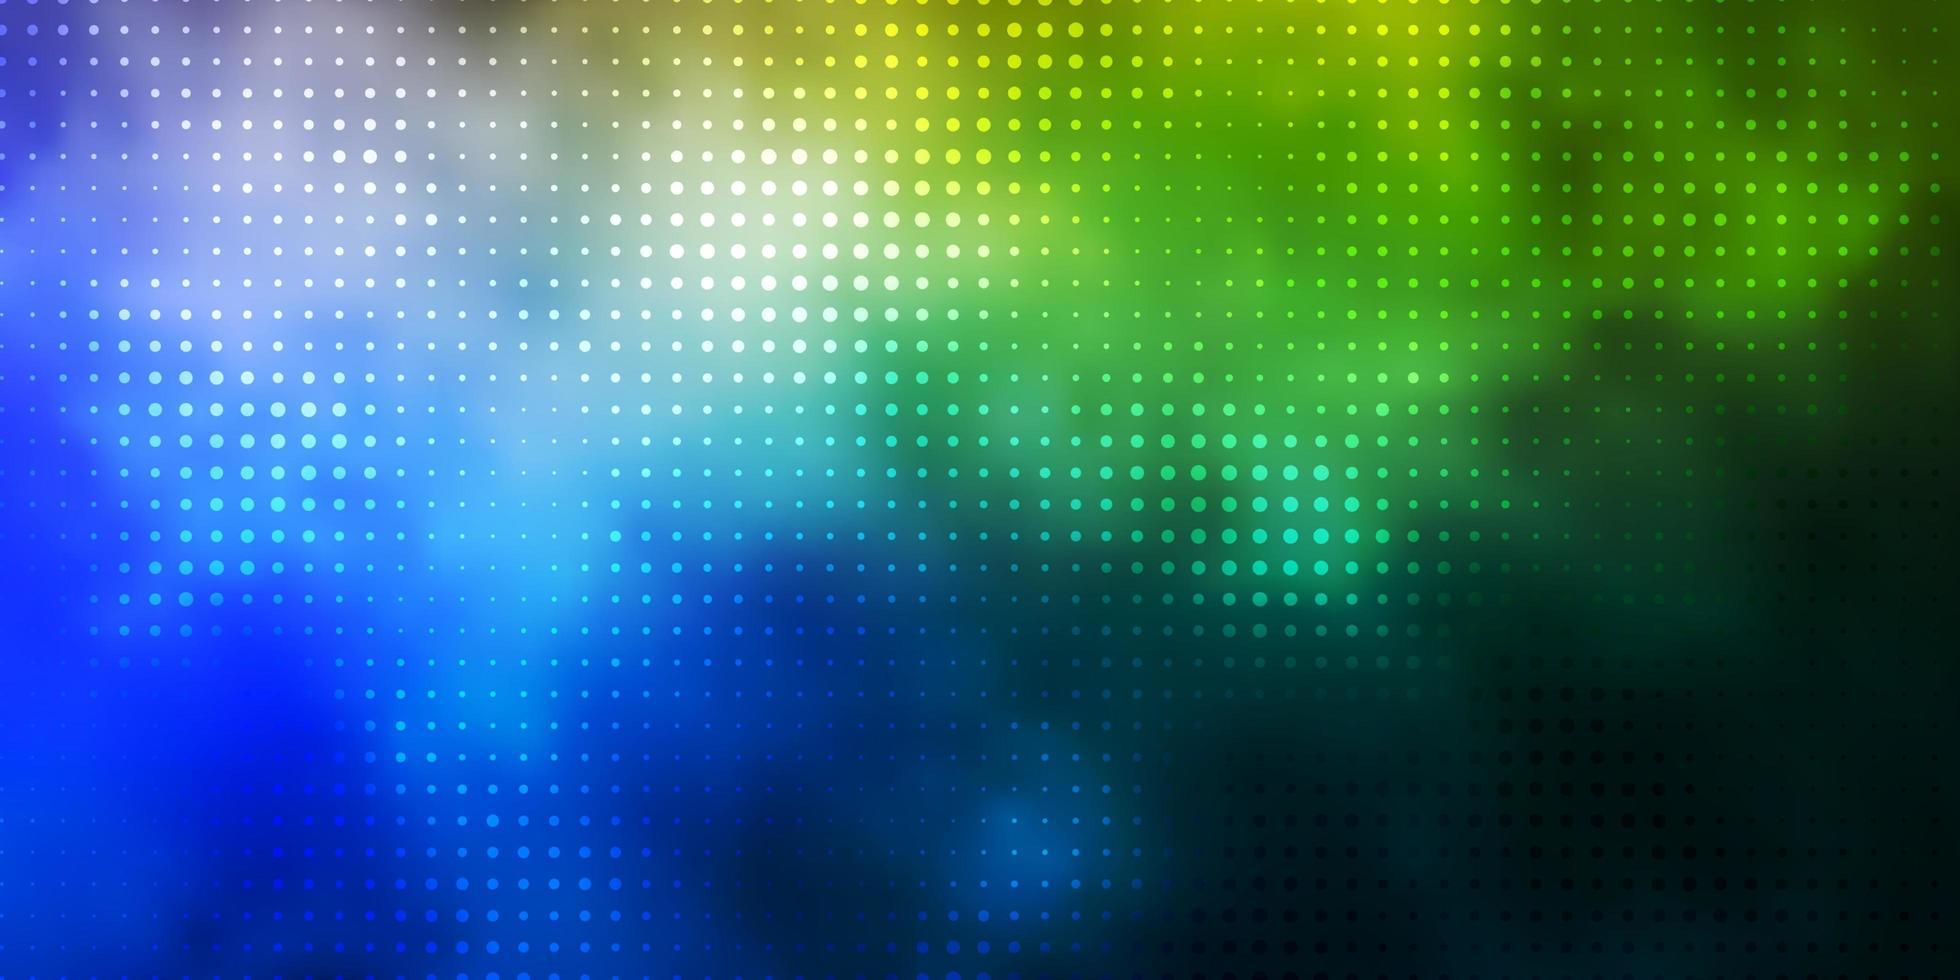 padrão de azul claro e verde com esferas. vetor